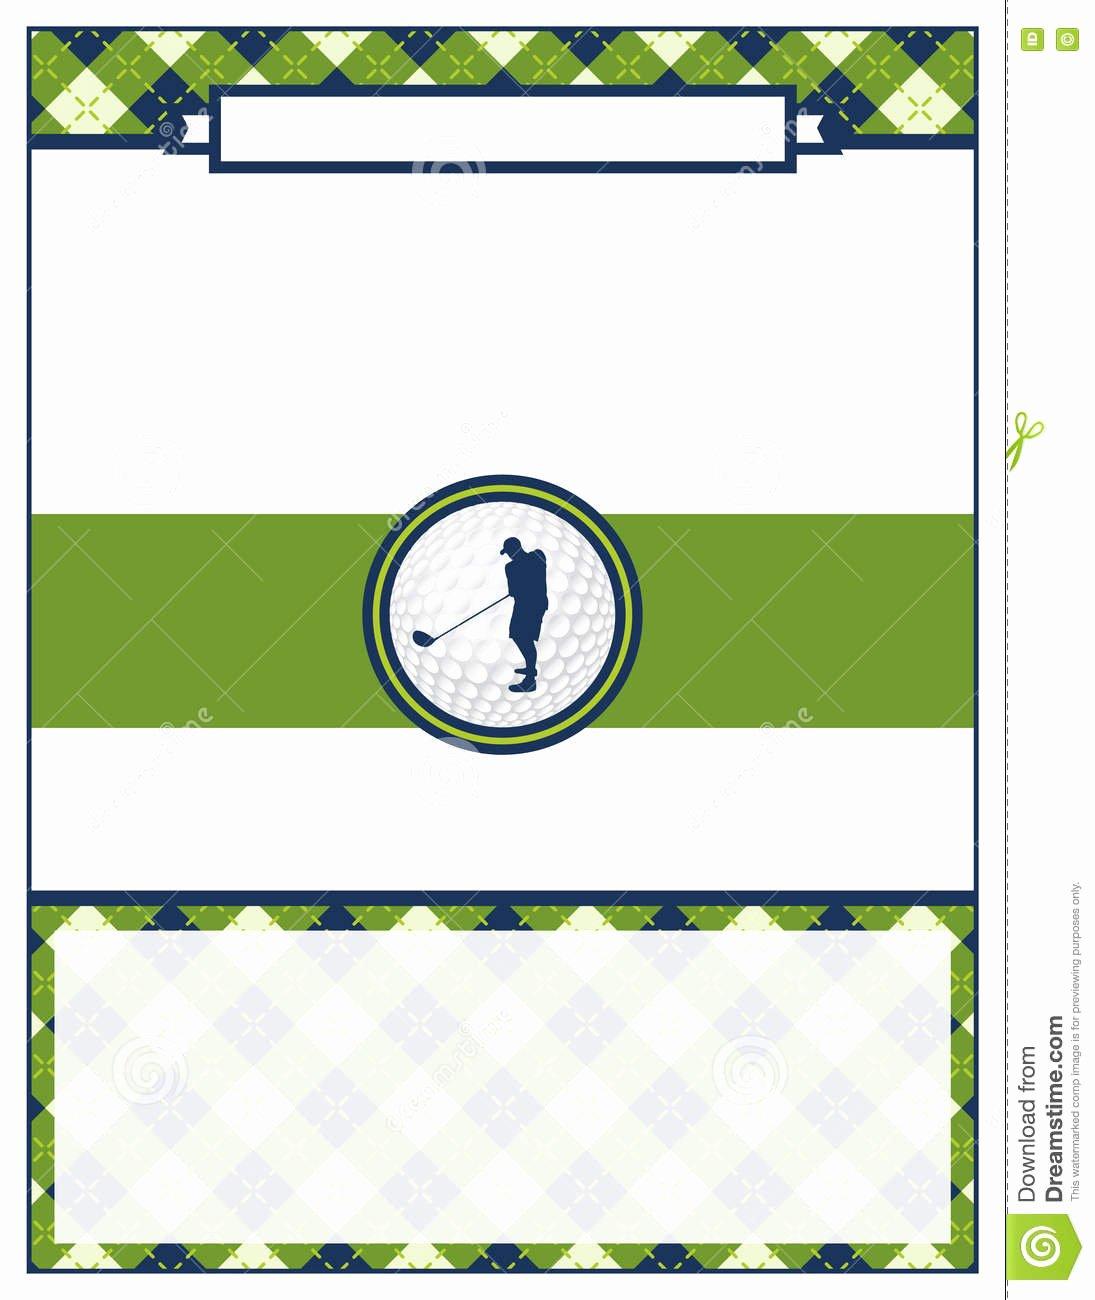 Free Golf tournament Flyer Template New Golf tournament Flyer Blank Template Stock Vector Image